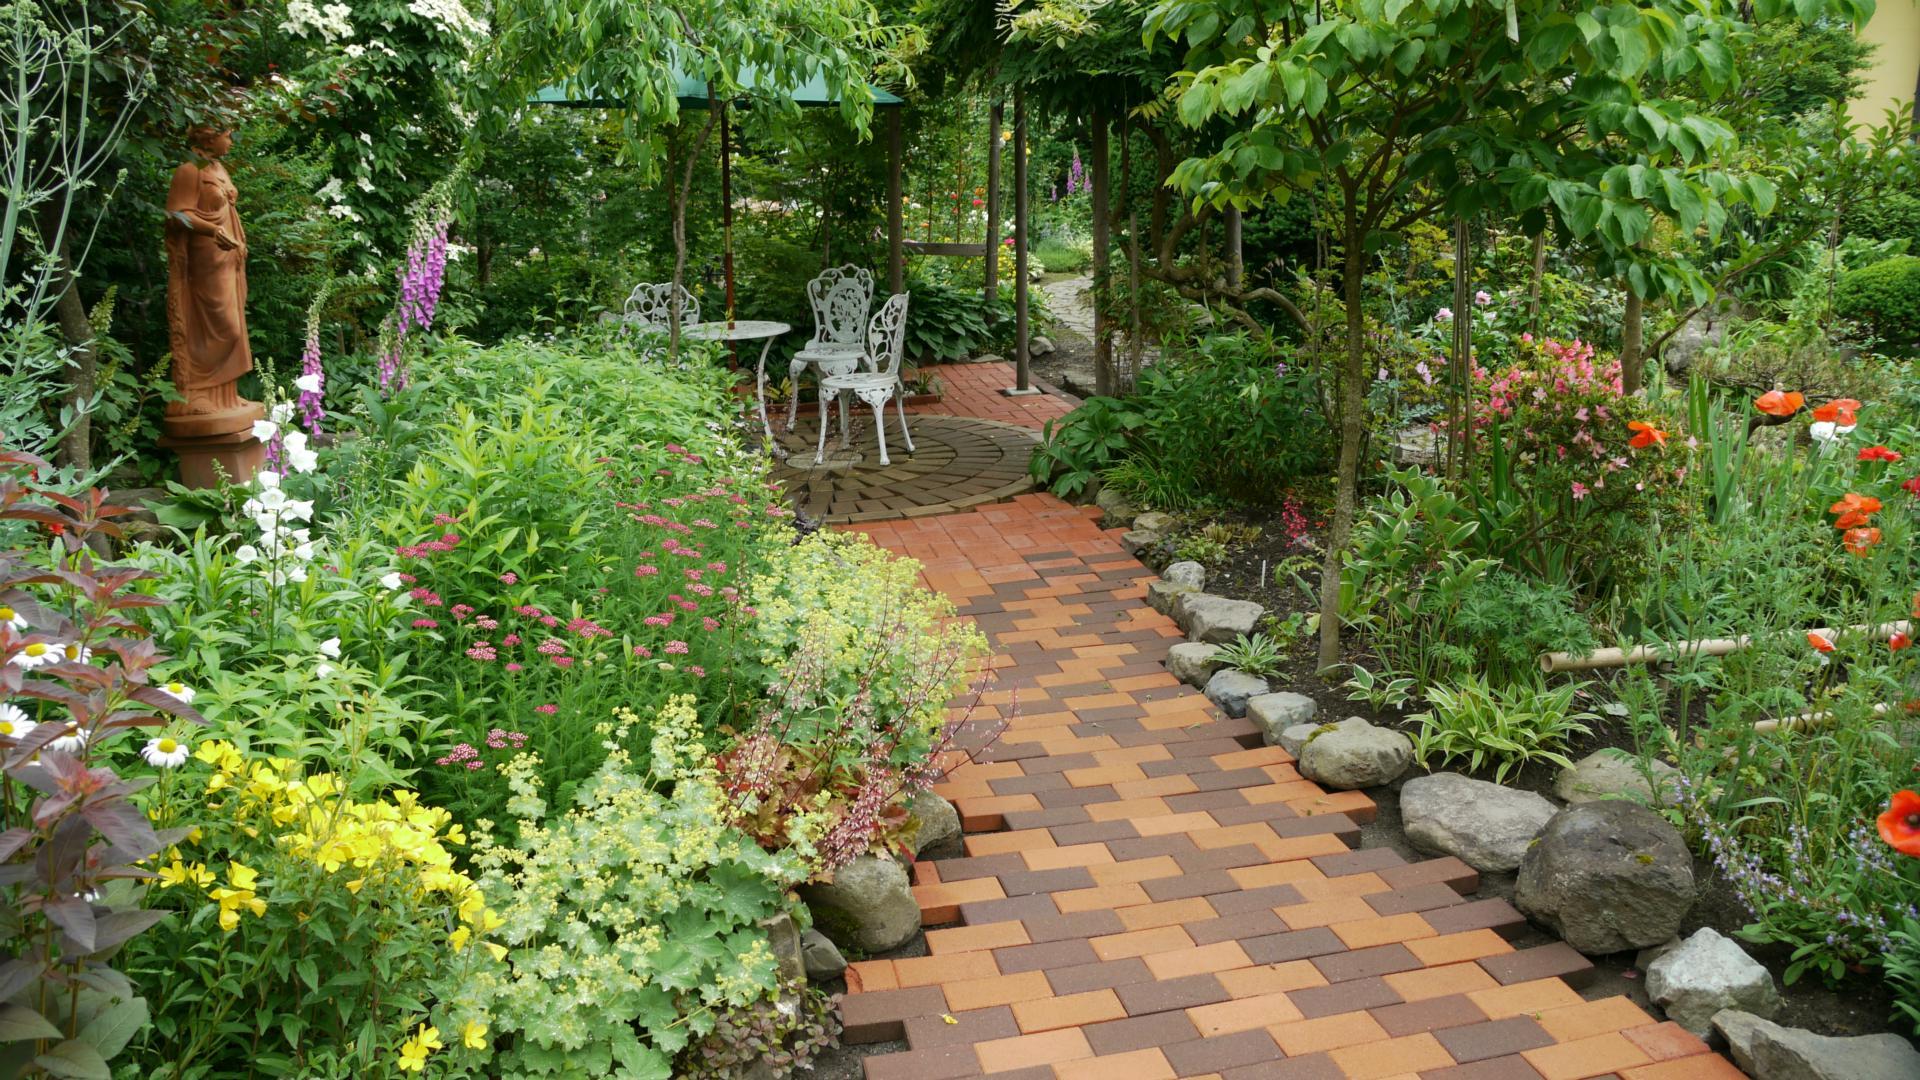 ガーデニング入門 庭の設計 ~初心者でもわかる庭のプラン法~のサムネイル画像